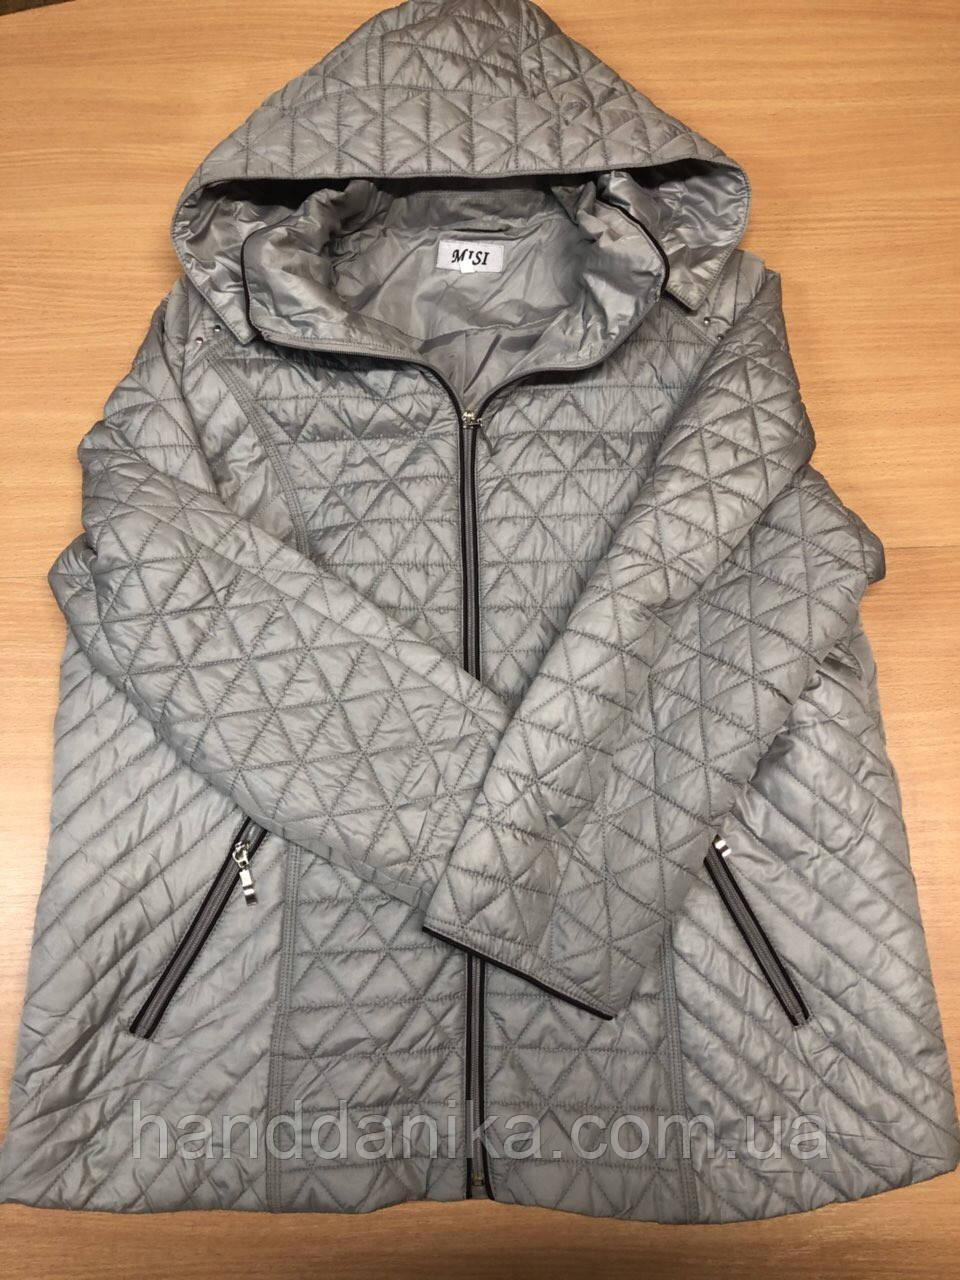 Куртки микс 1+2 сорта секонд-хенд оптом - Оптовая компания Даника в Киеве 94164b4c590